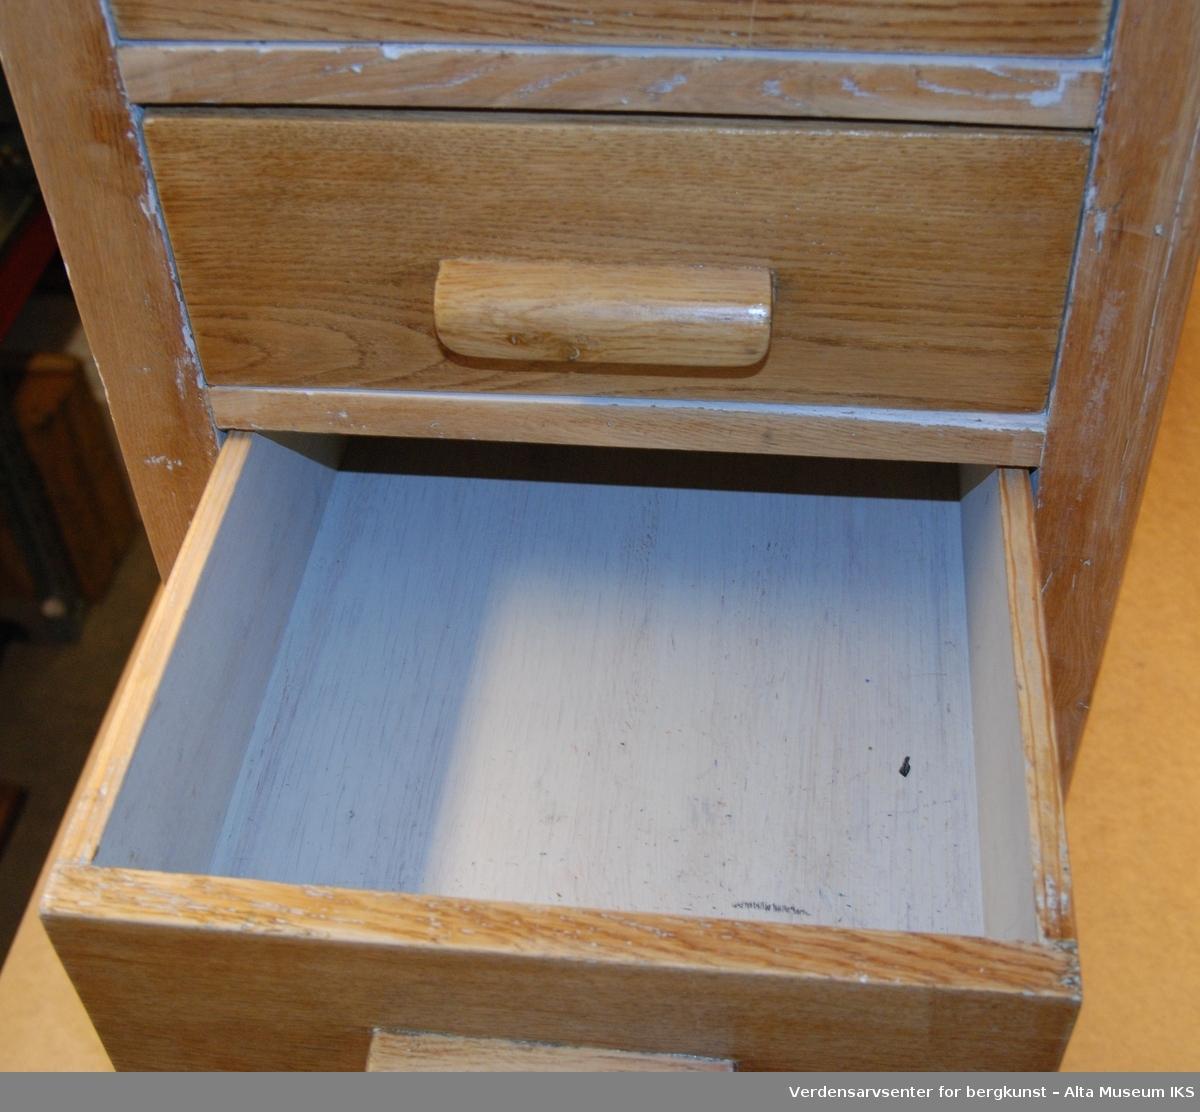 Sammensatt av to skuffereoler, hver med 4 skuffer og en bordplate.